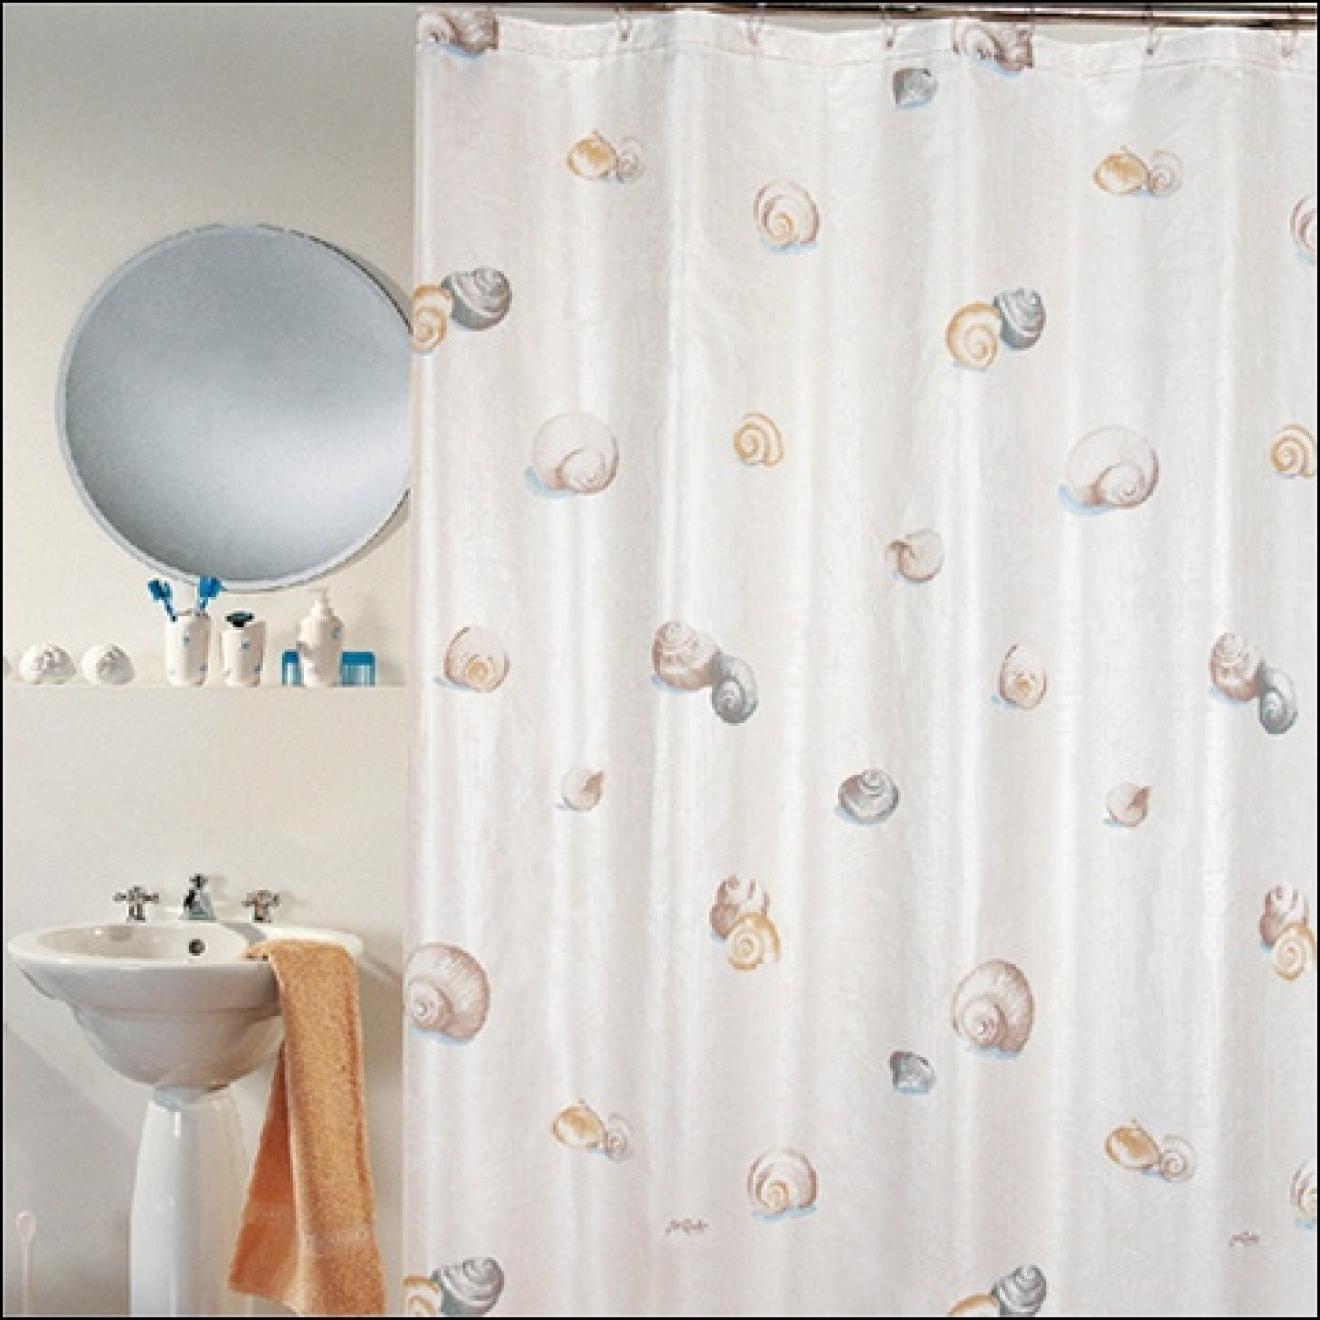 duschvorhang estragot pearl effect bahama viele gr en. Black Bedroom Furniture Sets. Home Design Ideas